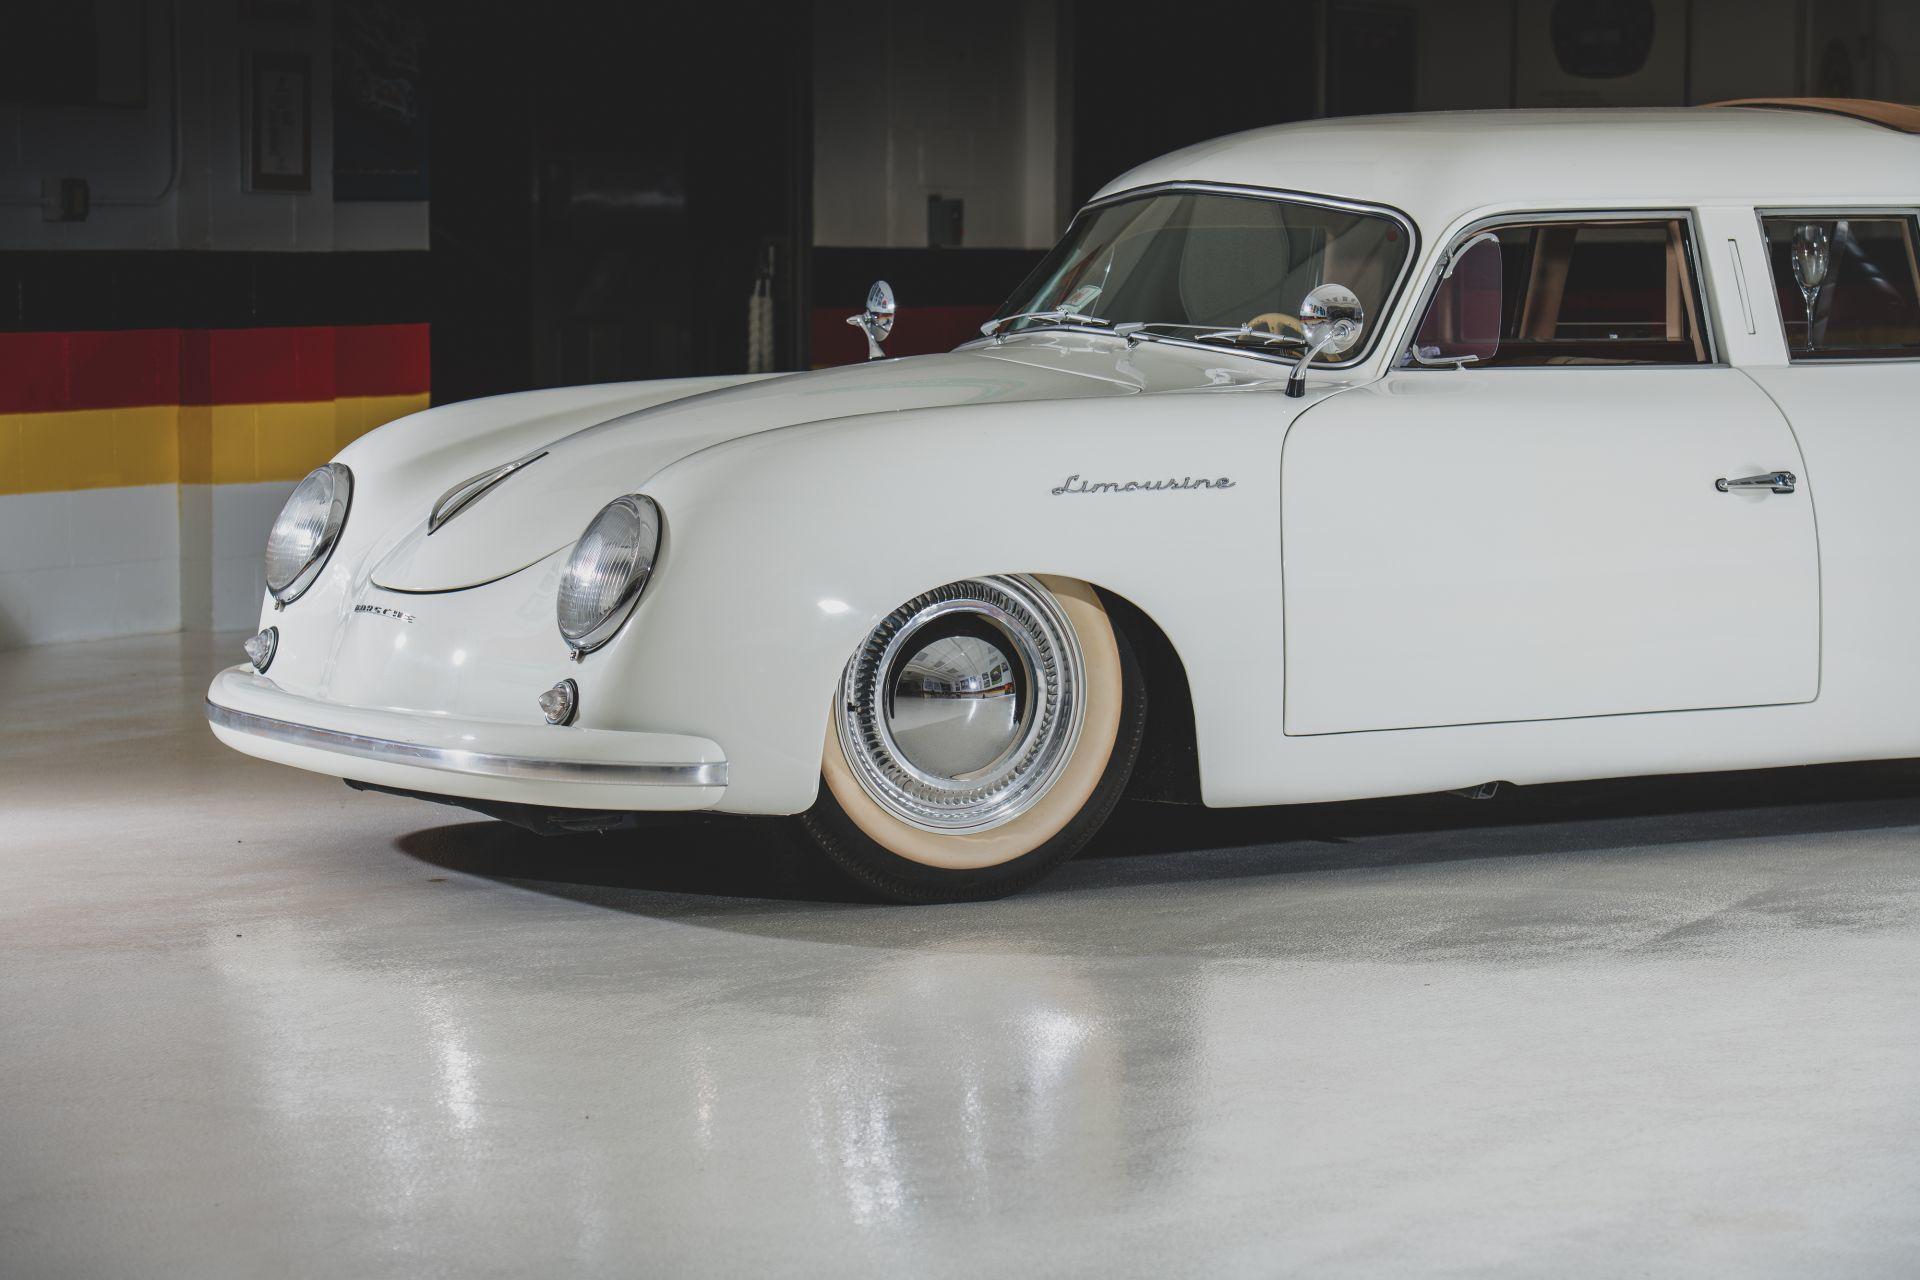 Porsche 356 Limusina 17